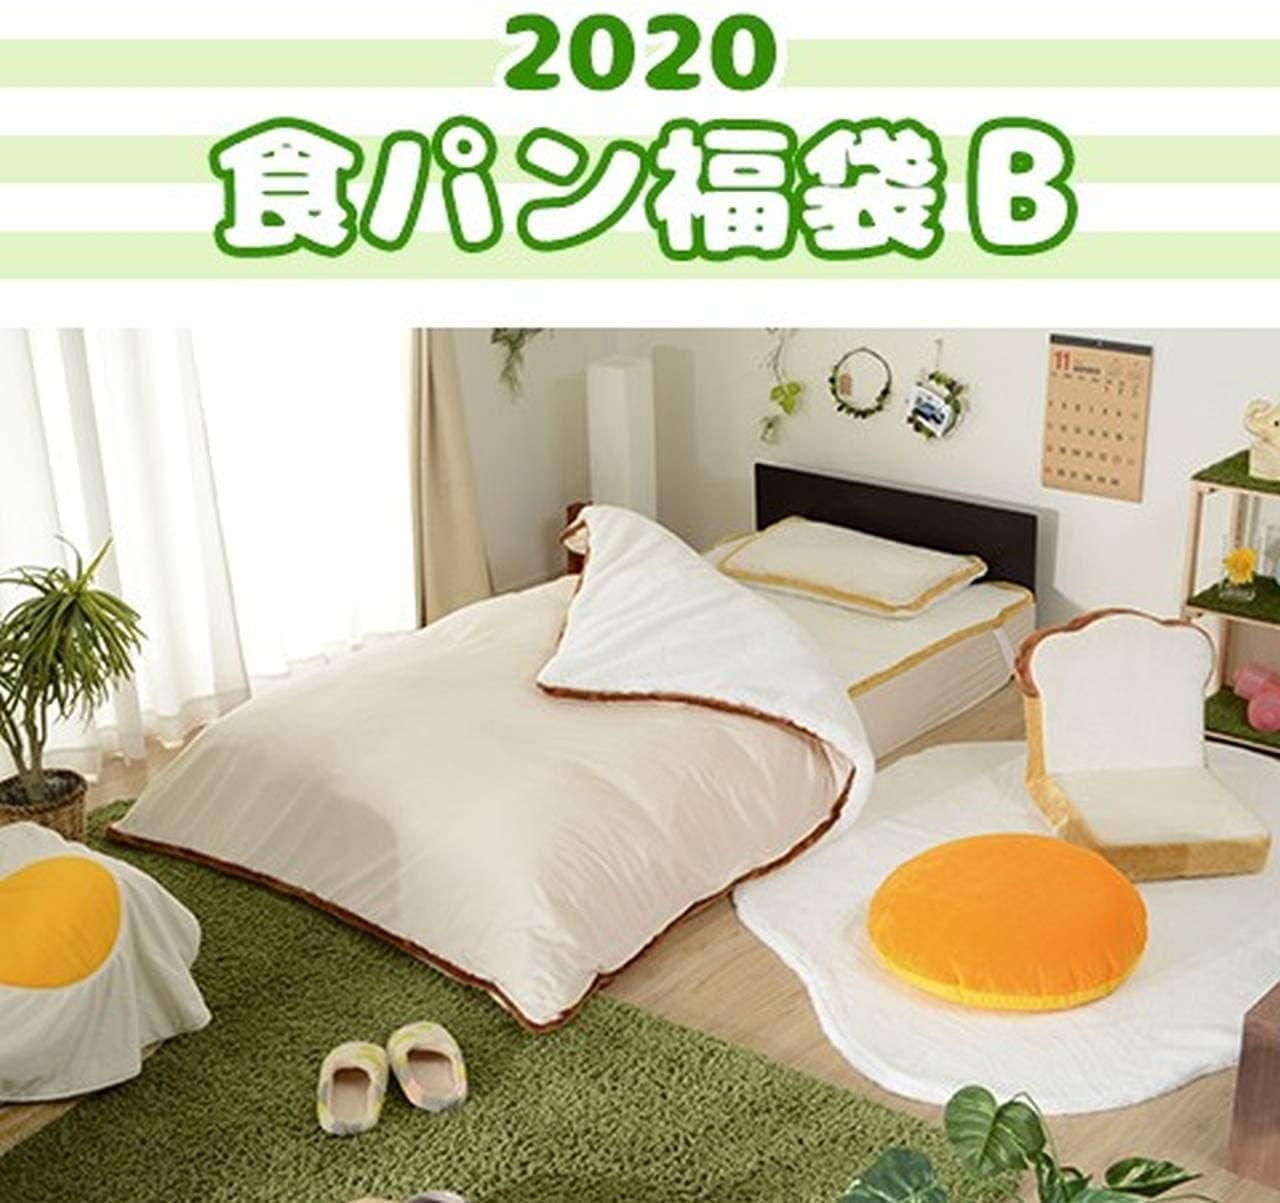 「食パン福袋2020」魅惑の食パン福袋